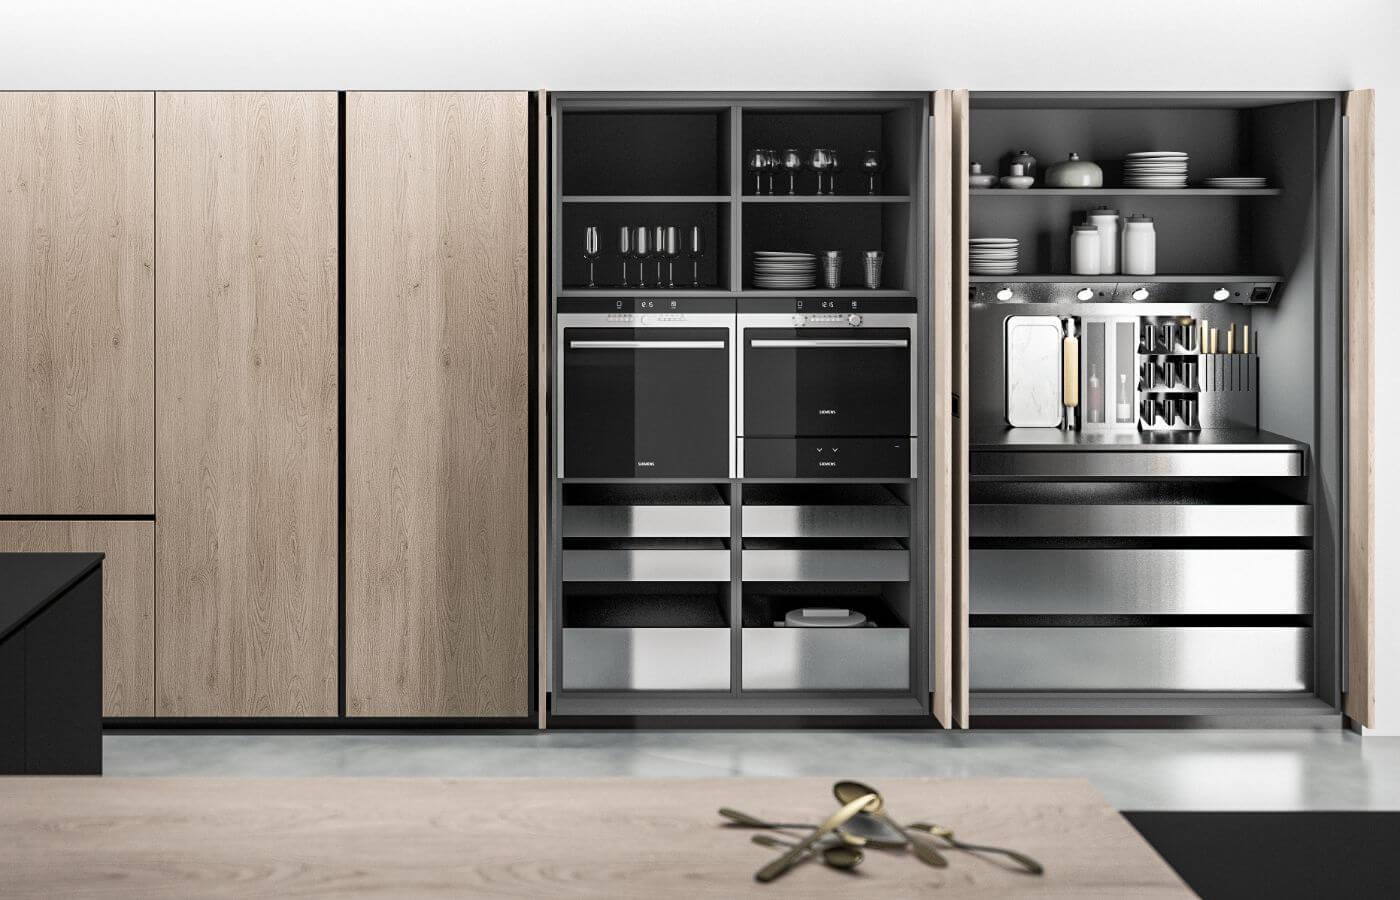 cucina-ante-scomparsa-cassetti-inox-collezione-quebec-il-mobile